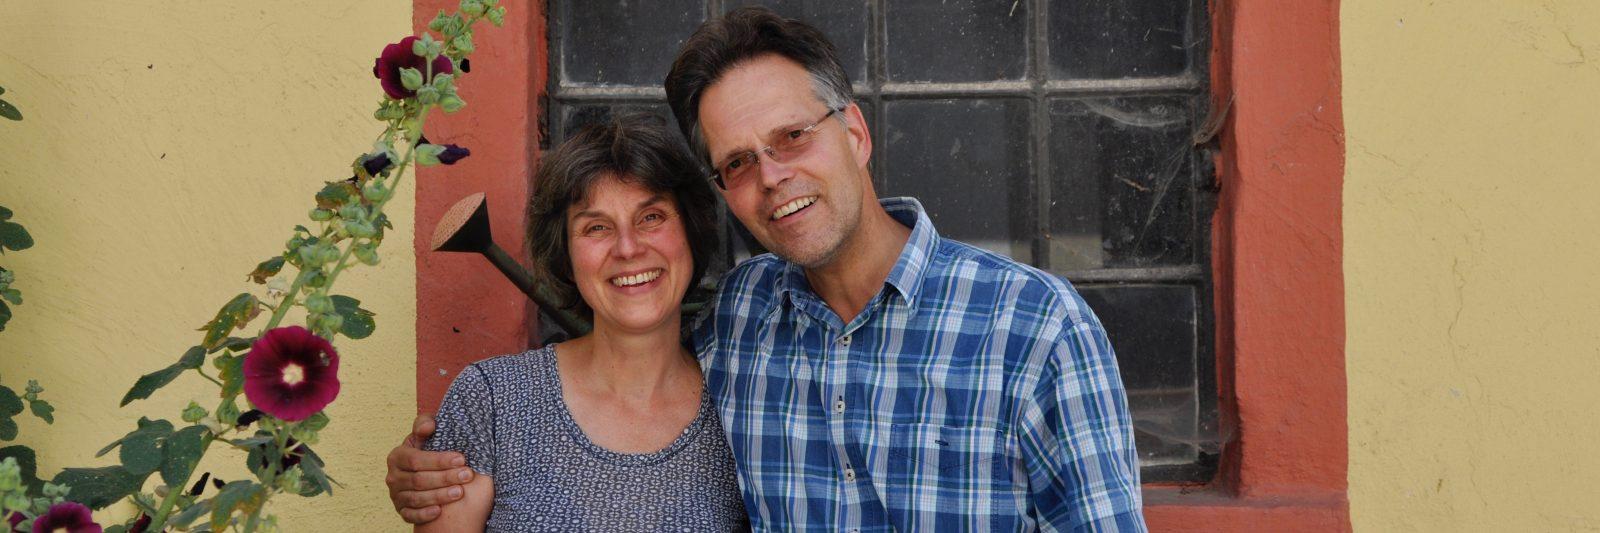 Mama und Papa2